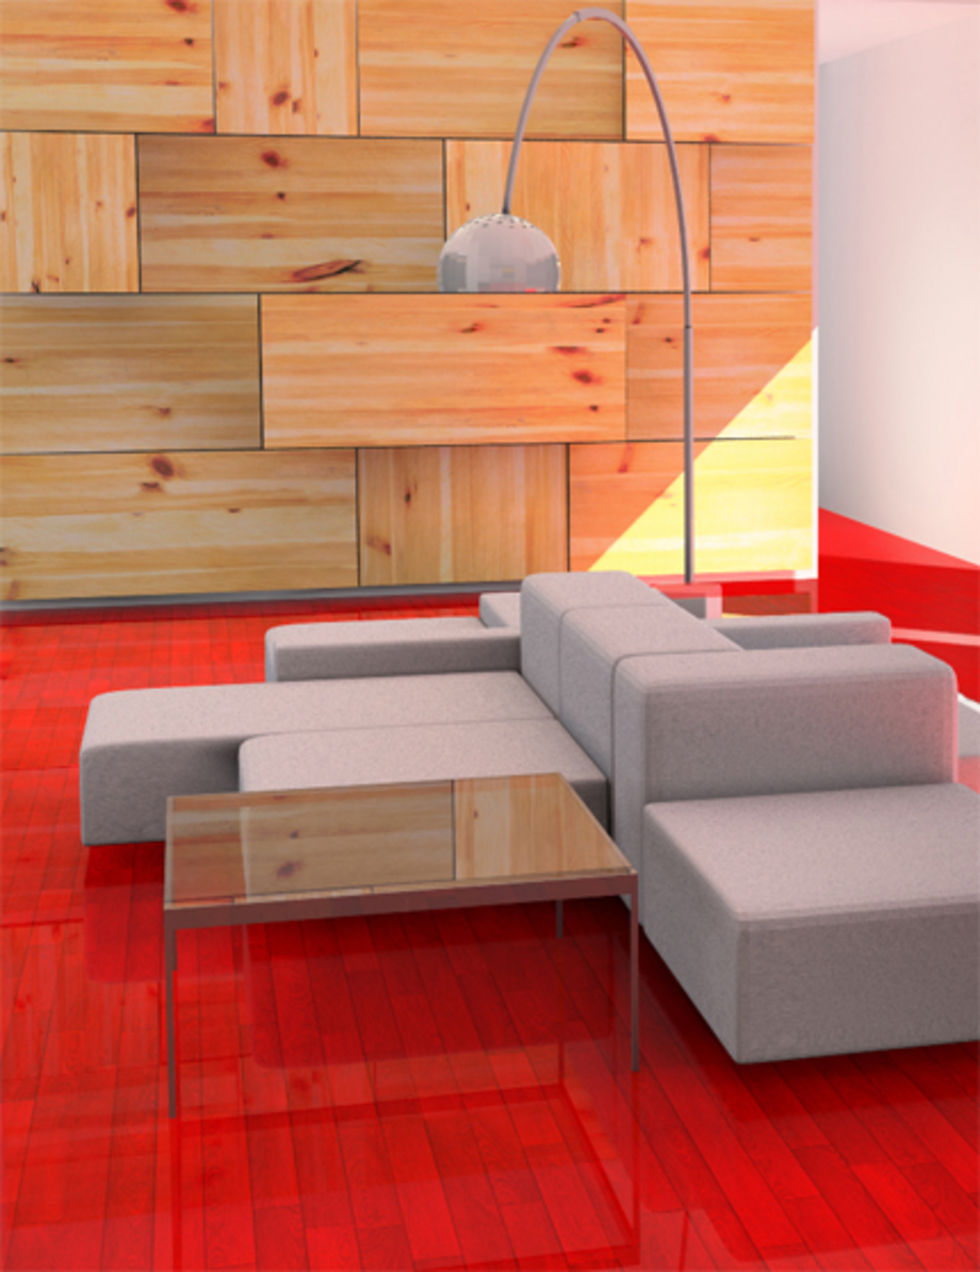 In Legno Wood Design moderna, färgstarka trägolv från legno veneto. allt annat än